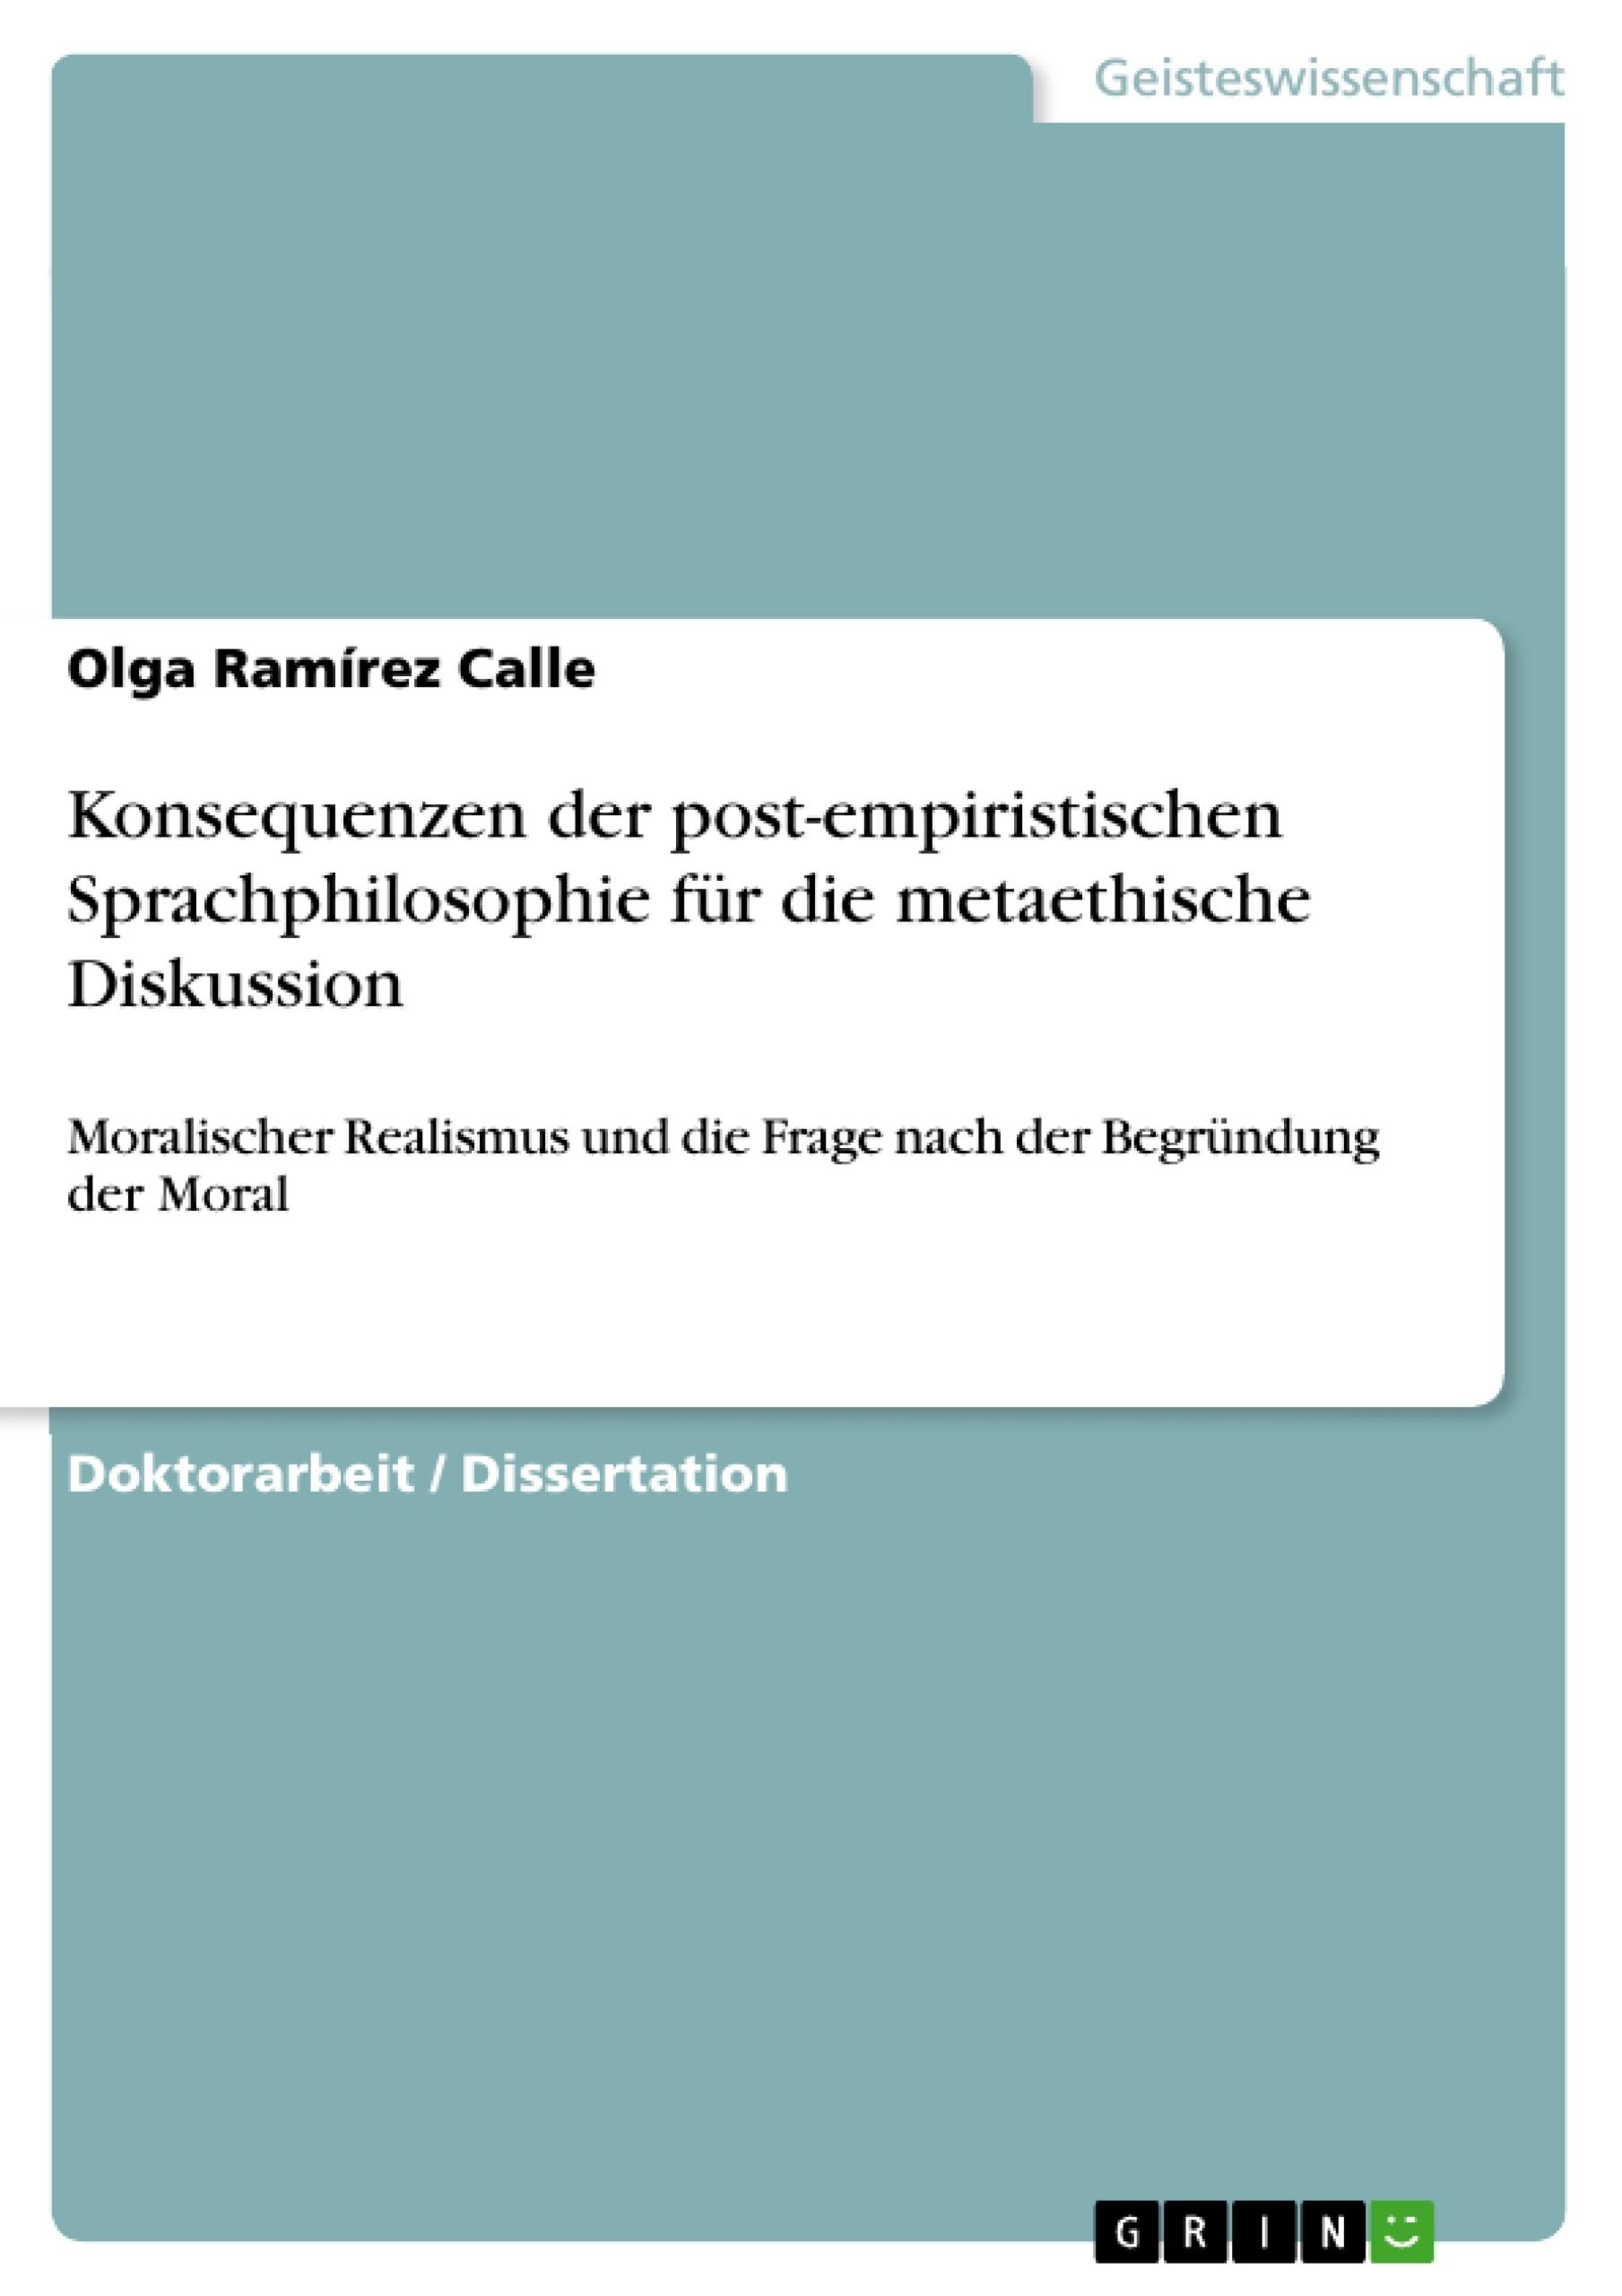 Titel: Konsequenzen der post-empiristischen Sprachphilosophie für die metaethische Diskussion